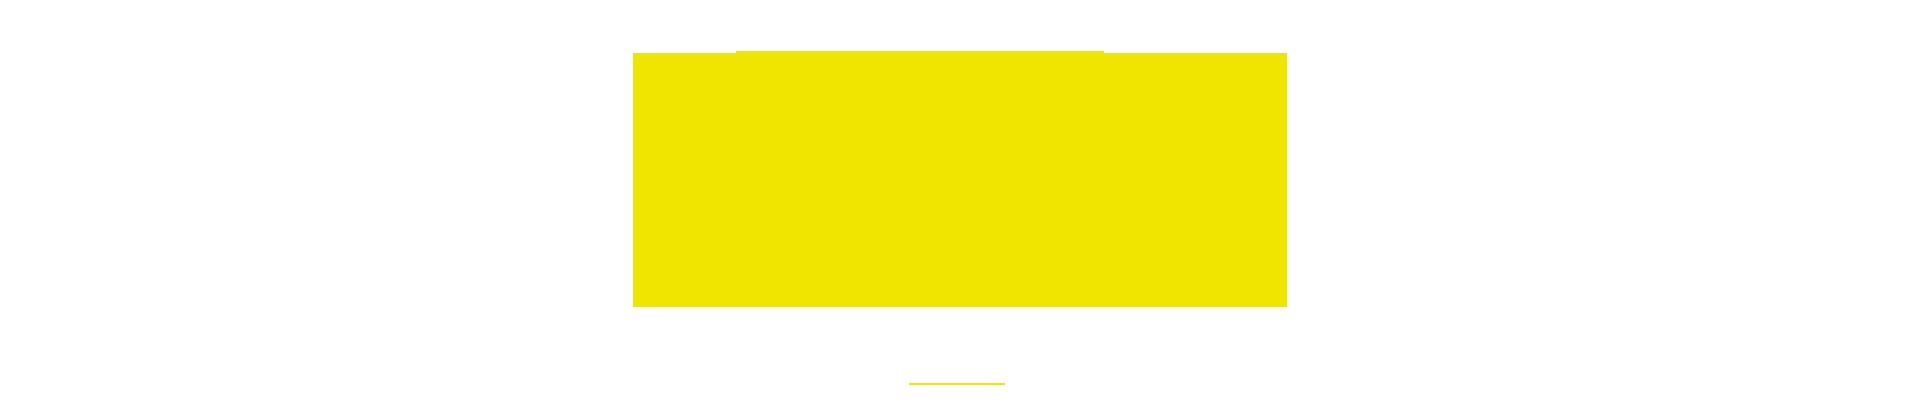 02_tabela